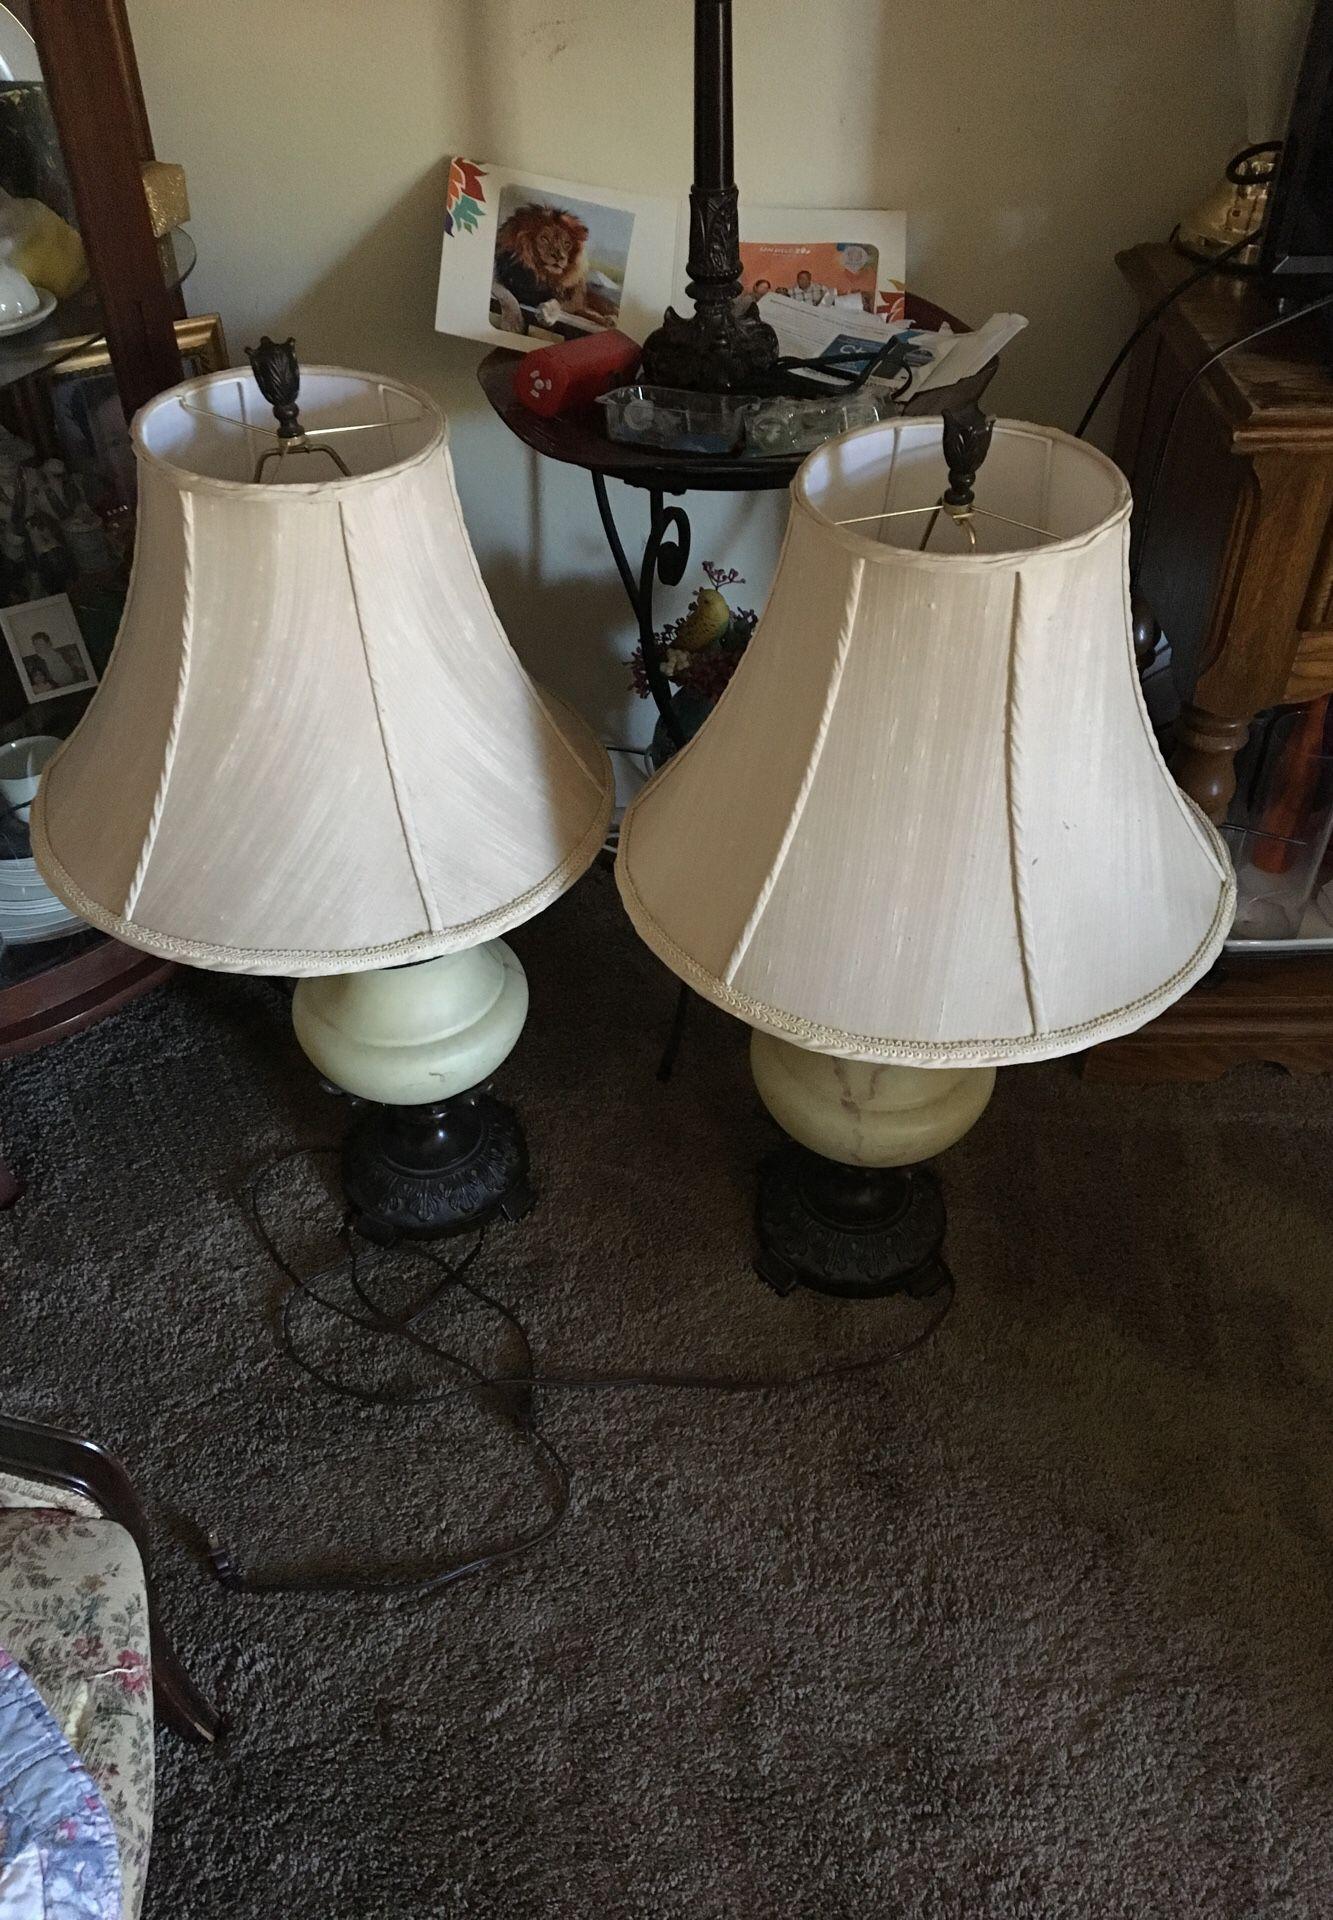 Lamps no light bulb